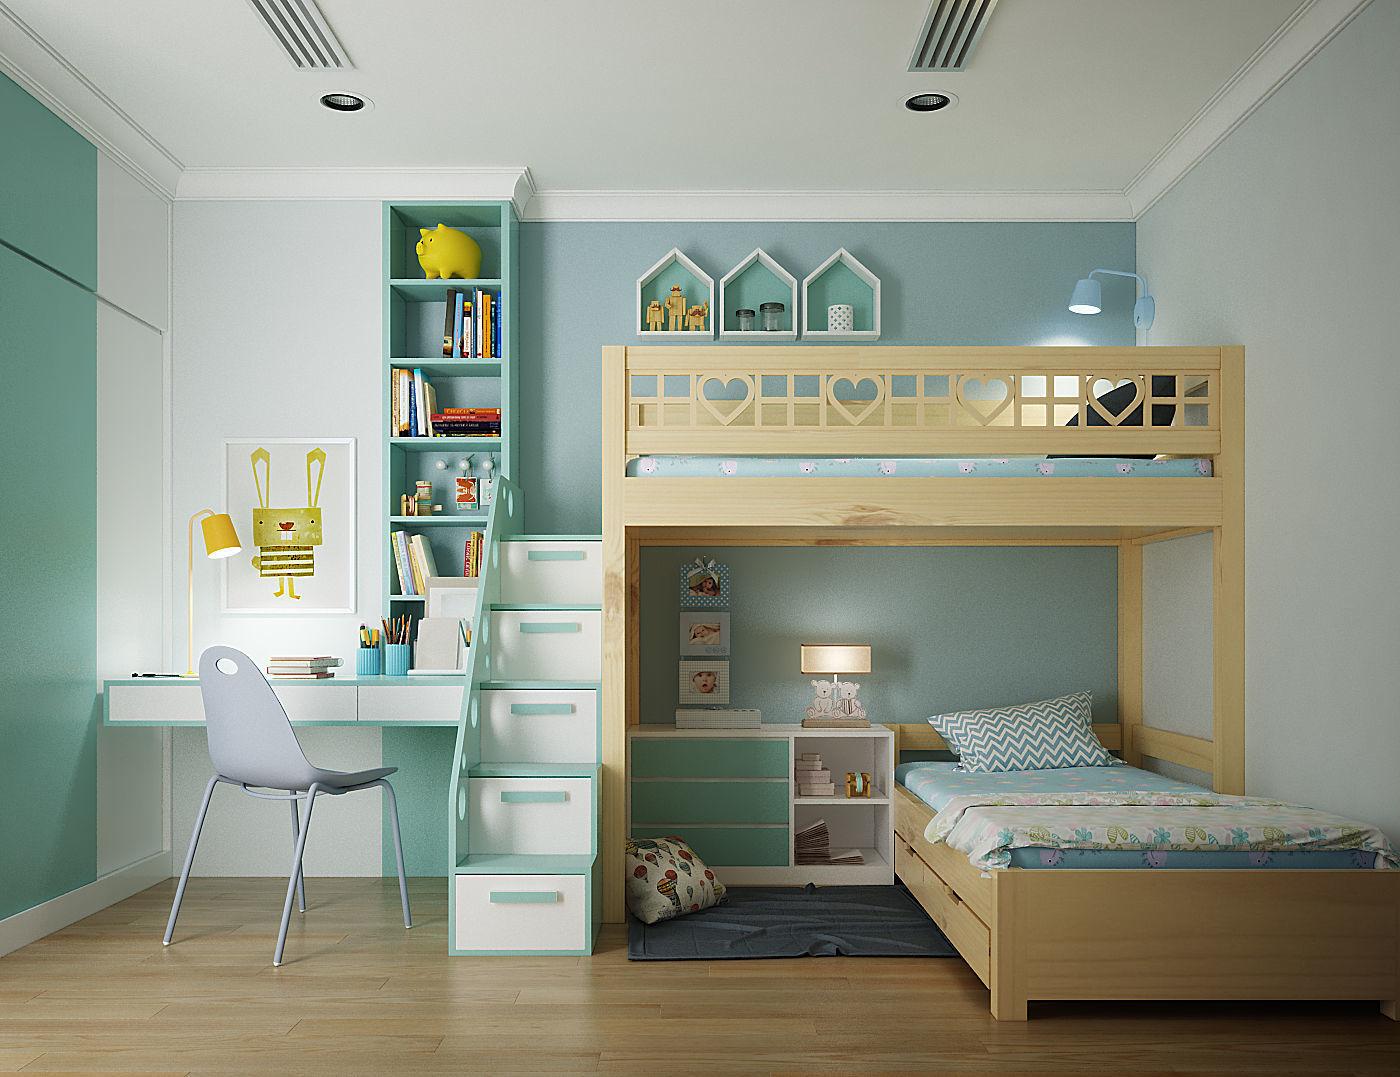 Penggunaan furnitur multifungsi pada kamar anak - source: cgtrader.com